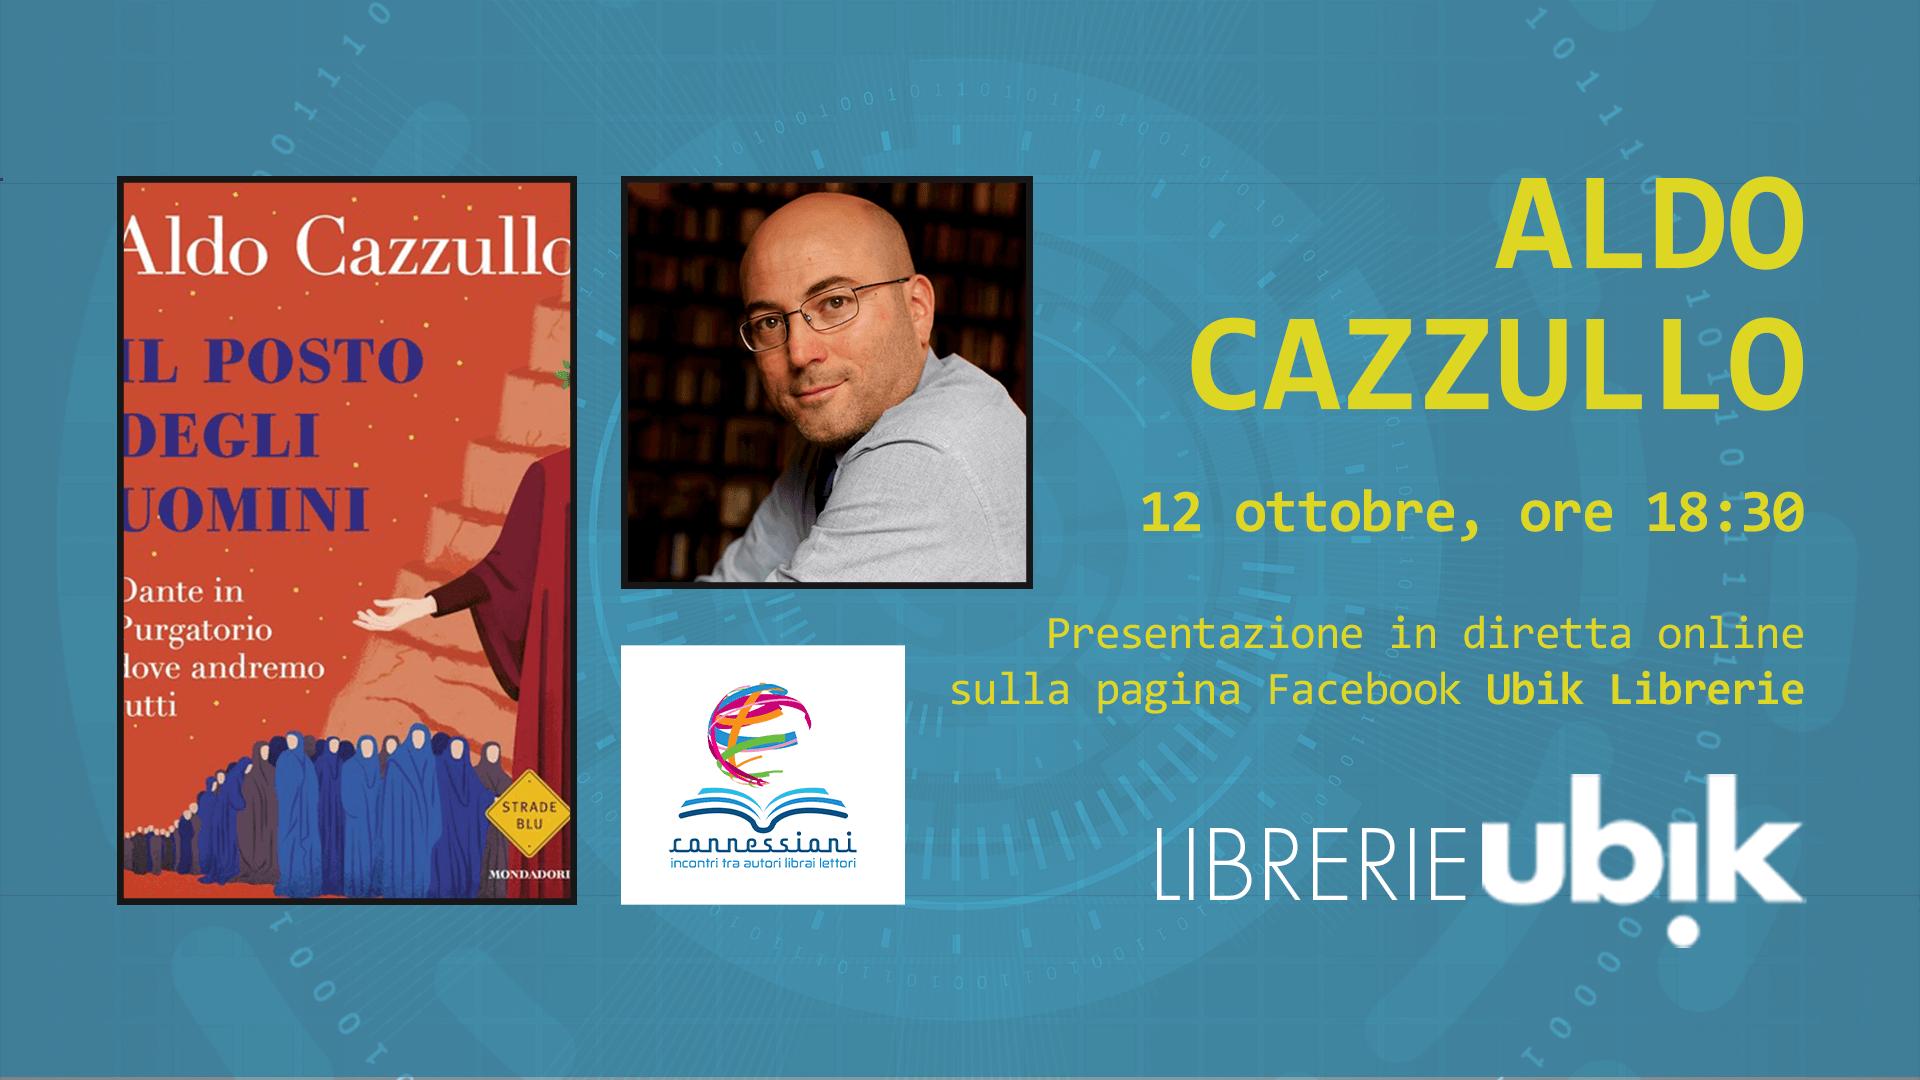 ALDO CAZZULLO presenta